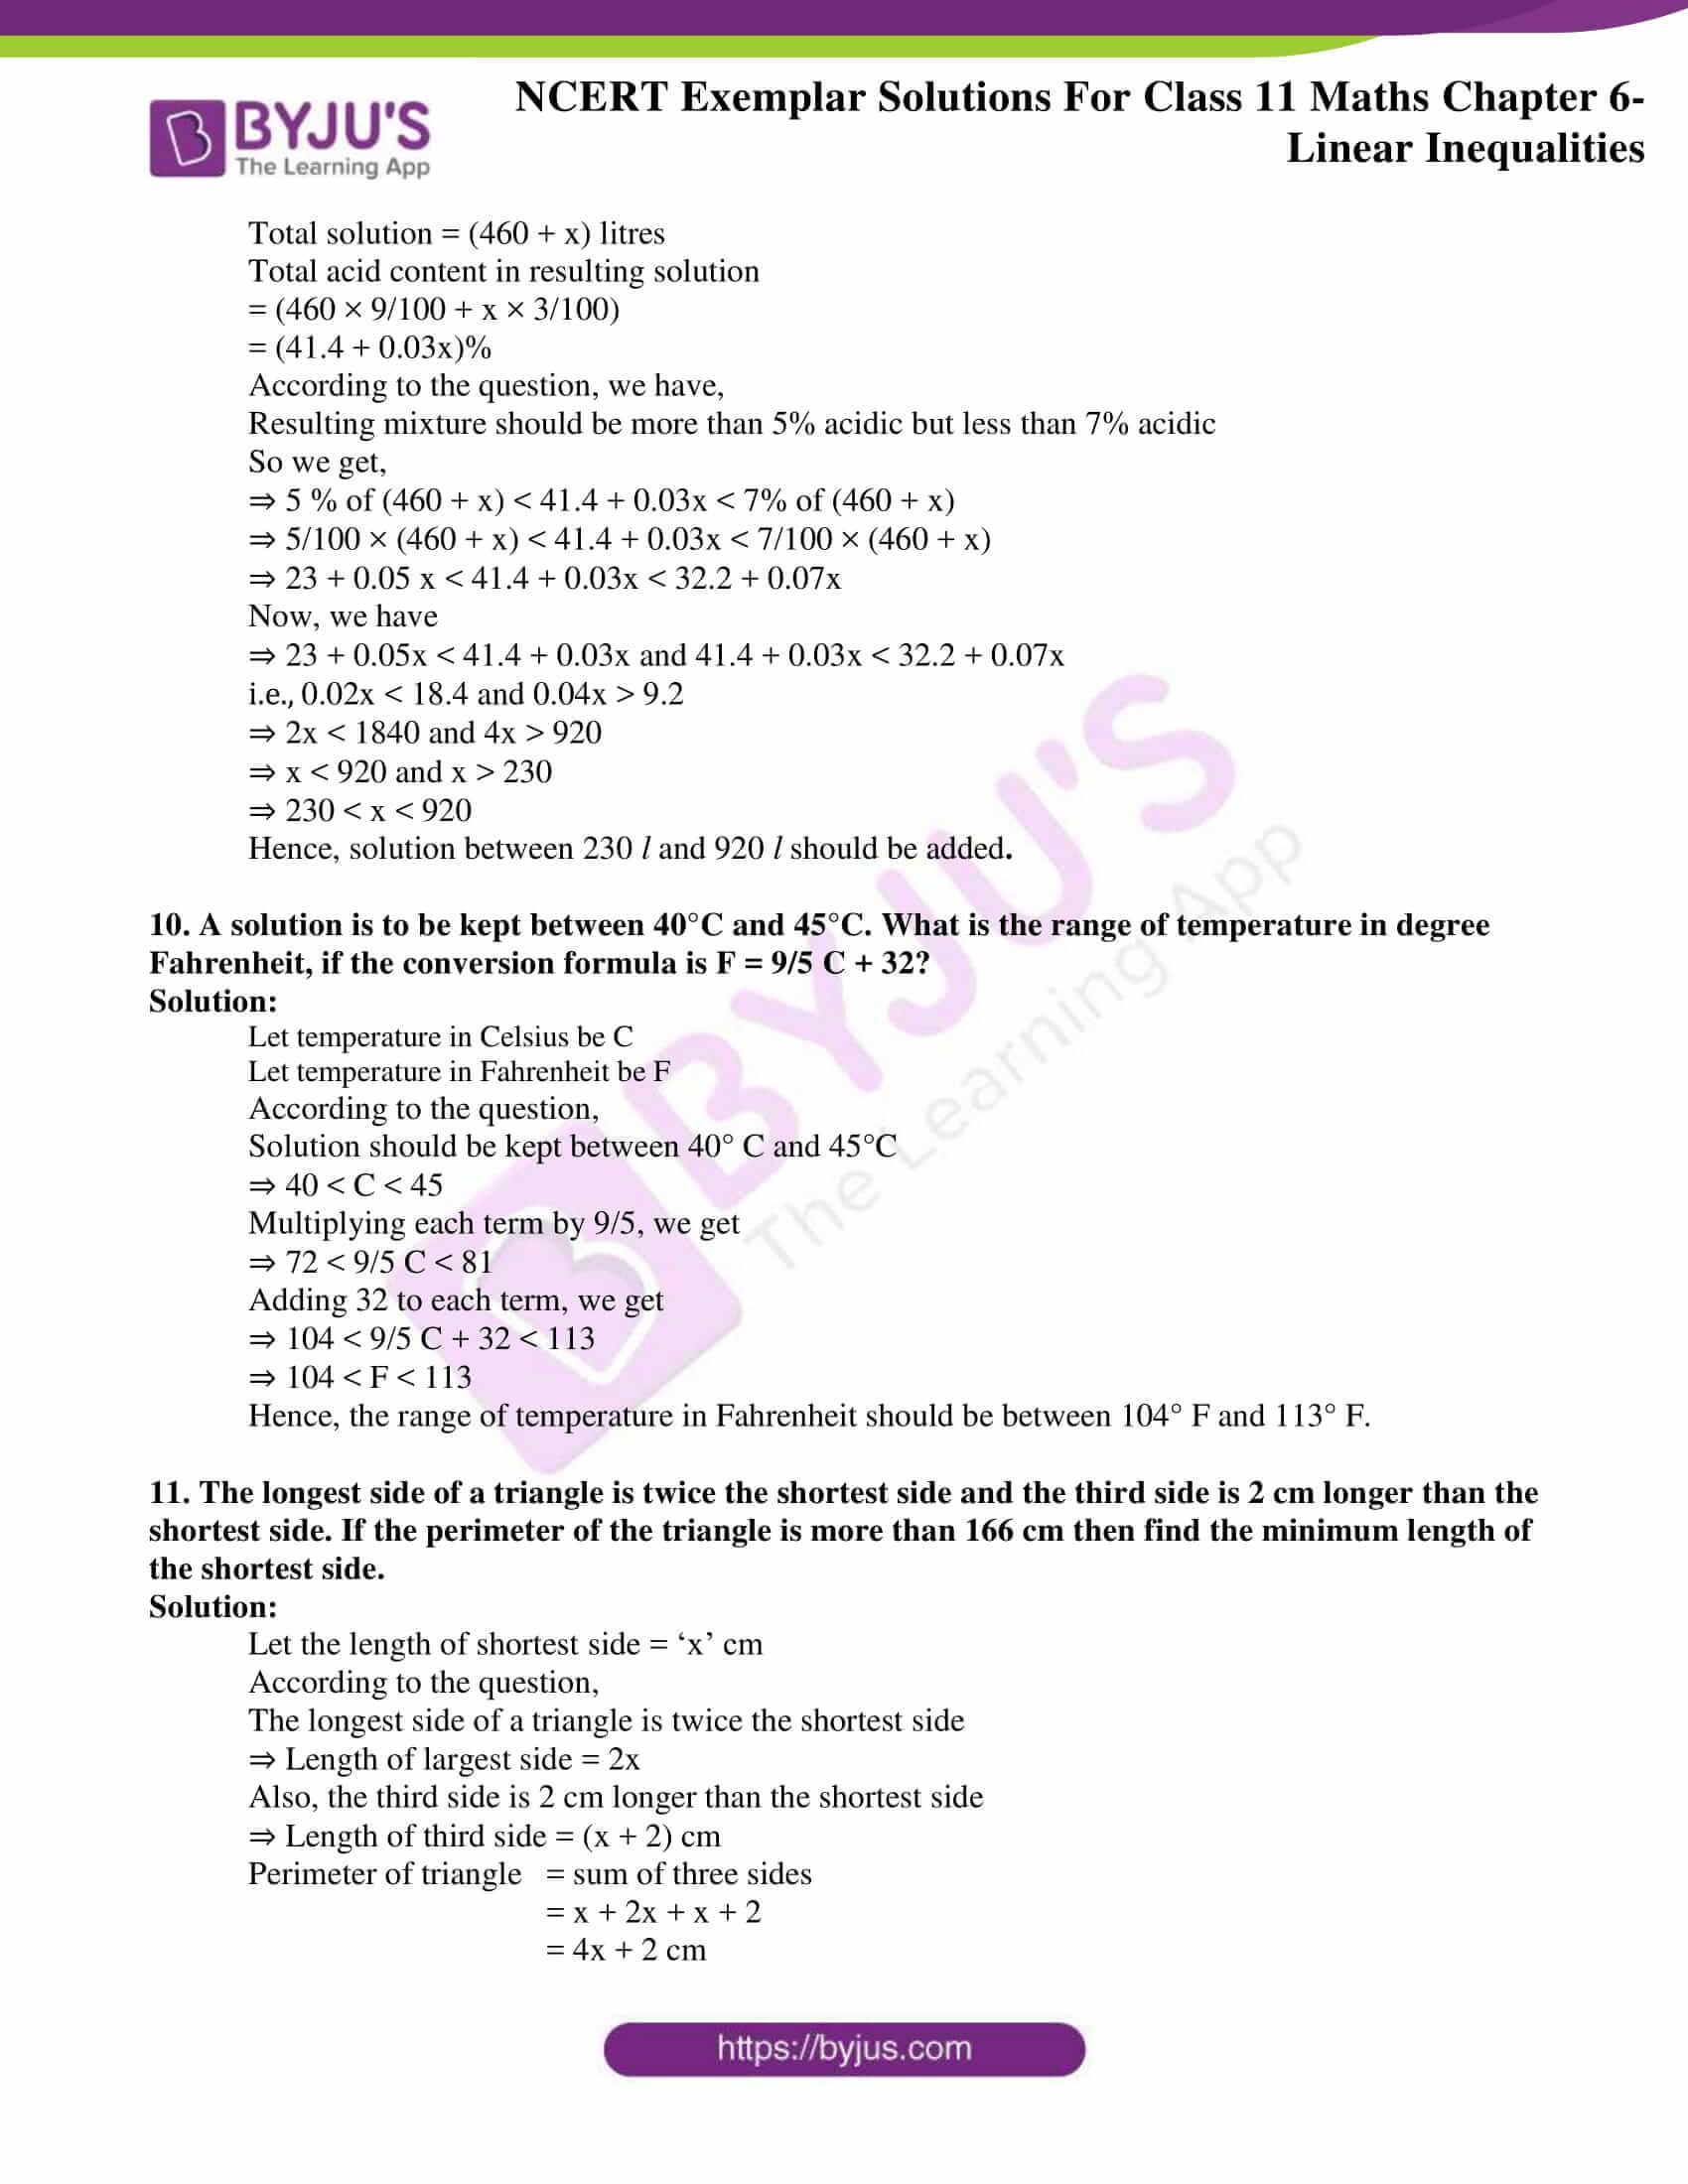 ncert exemplar solutions for class 11 maths chapter 6